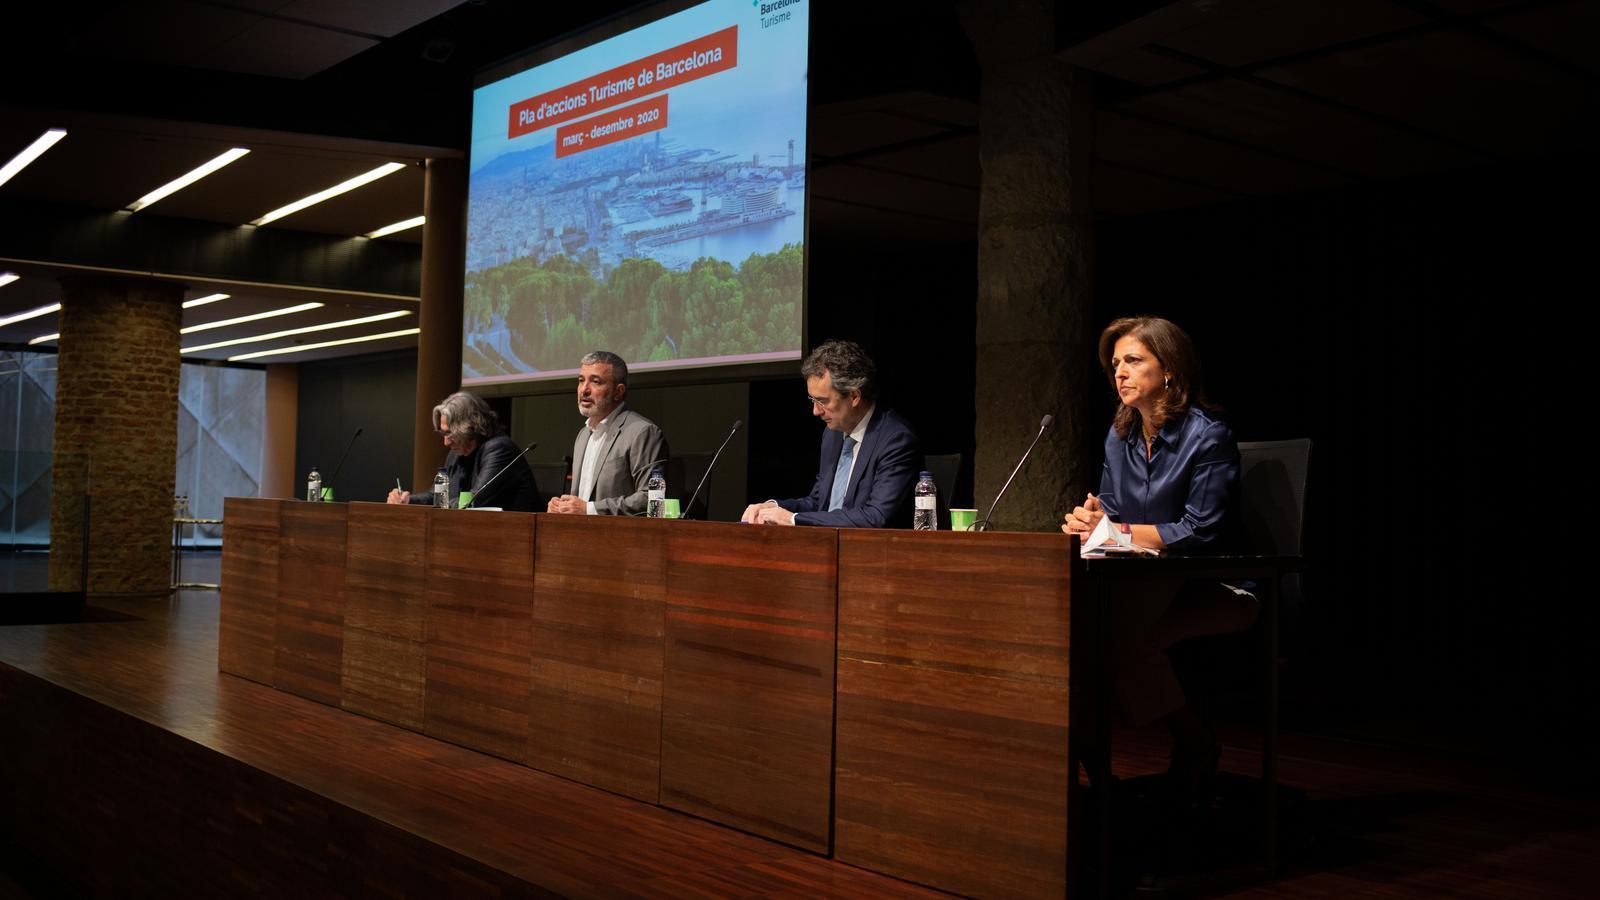 D'esquerra a dreta, Xavier Marcé (conseller de turisme), Jaume Collboni (primer tinent d'alcalde), Eduard Torres i Marian Muro (president i directora general de Turisme de Barcelona)